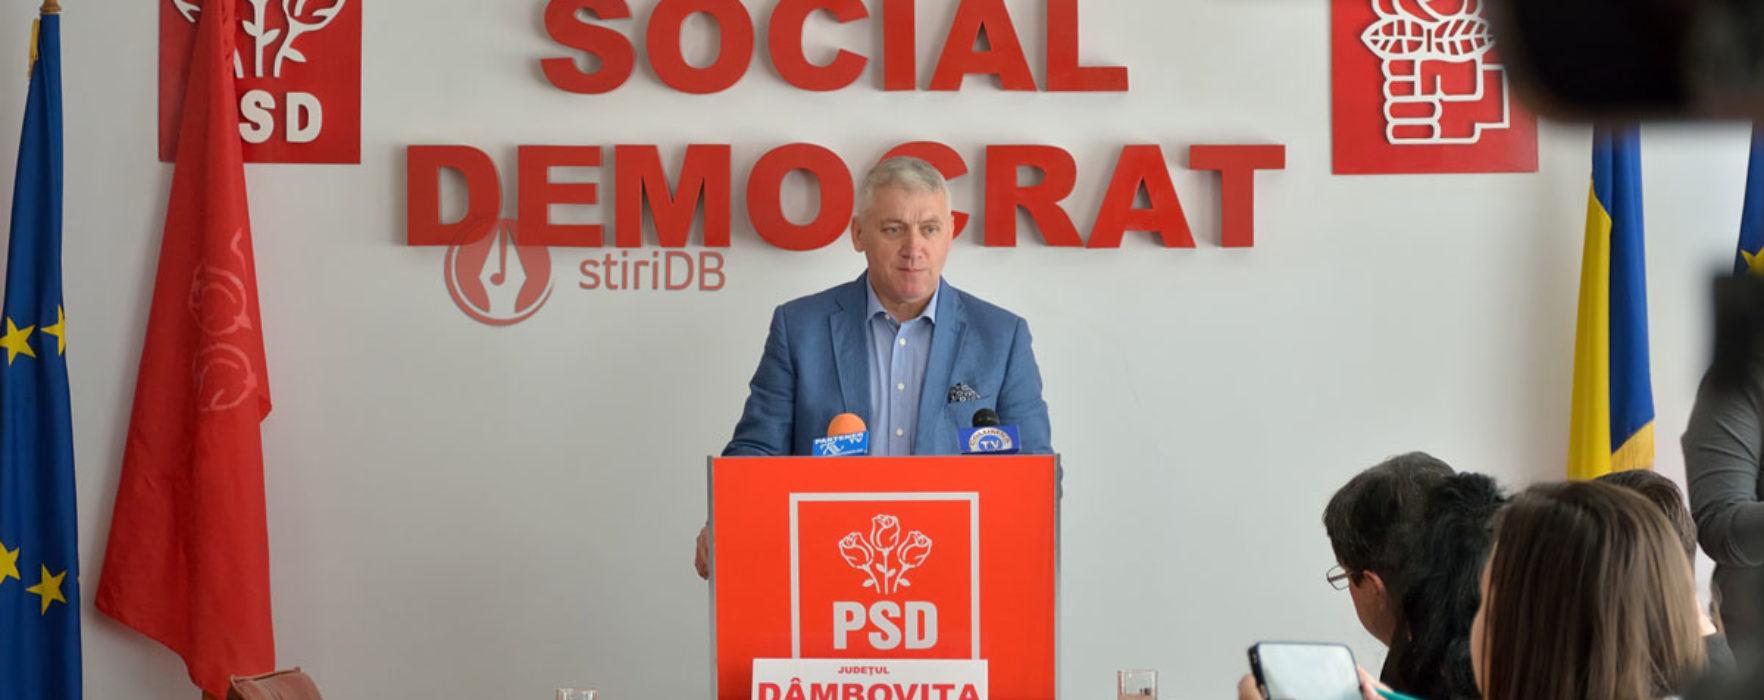 Adrian Ţuţuianu: Salarii foarte mari în unele instituţii publice, exagerat faţă de ce ar fi normal şi faţă de buget